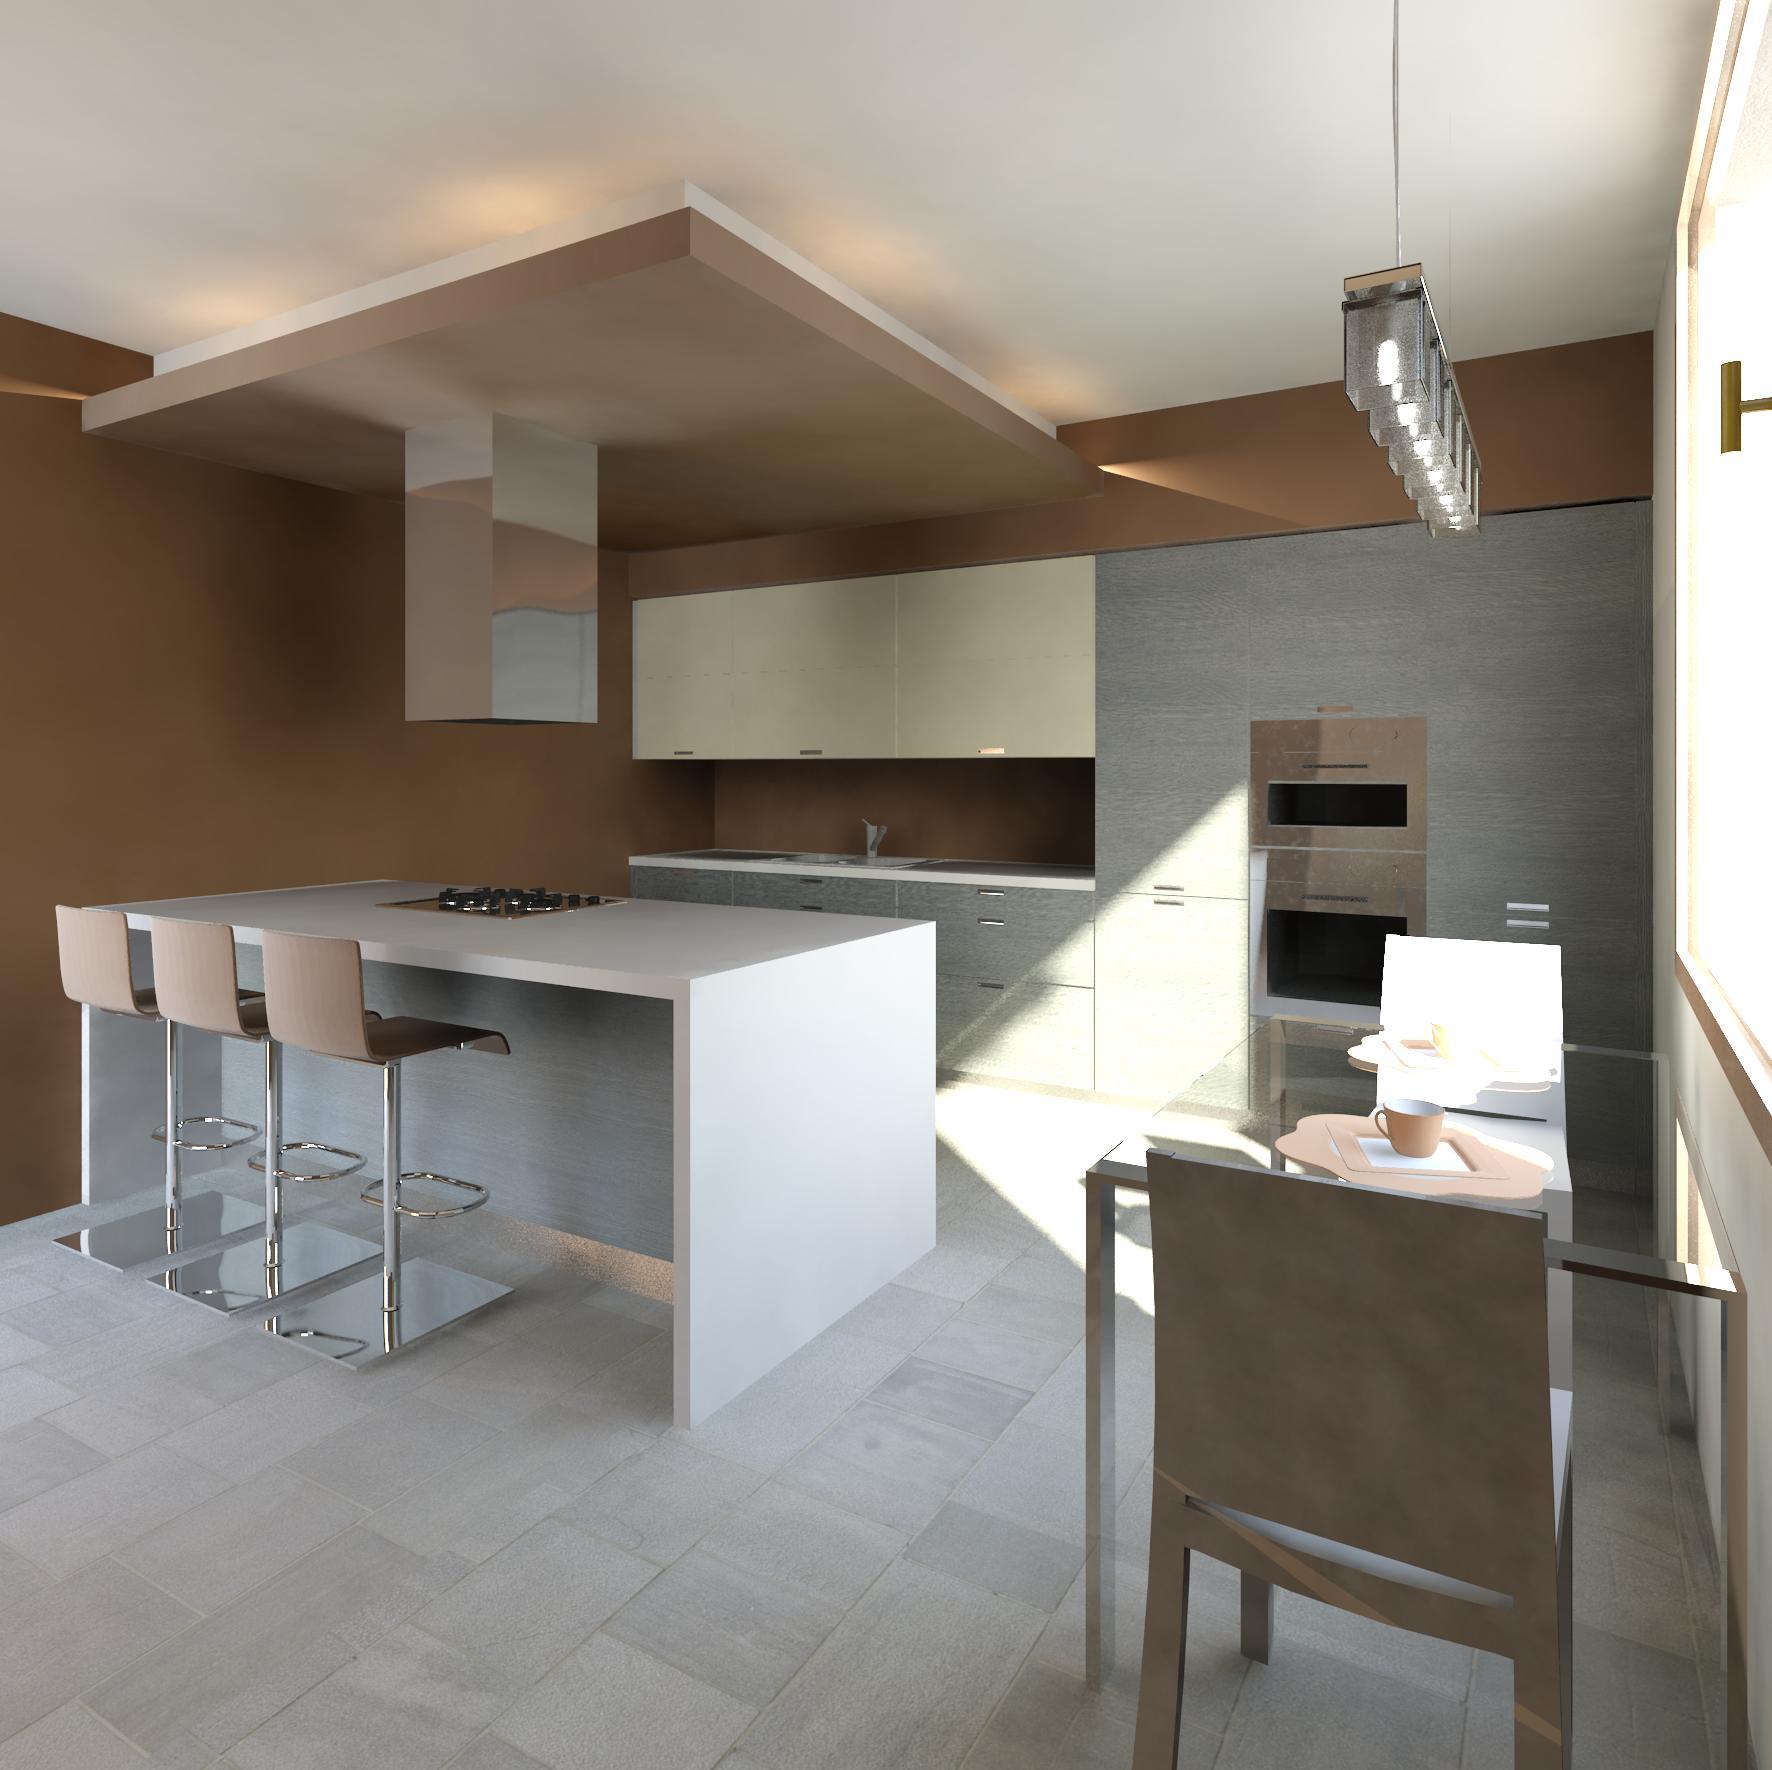 Progetto Cucina 3d. Progetto Rendering Cucina Valcucine Realizzato ...